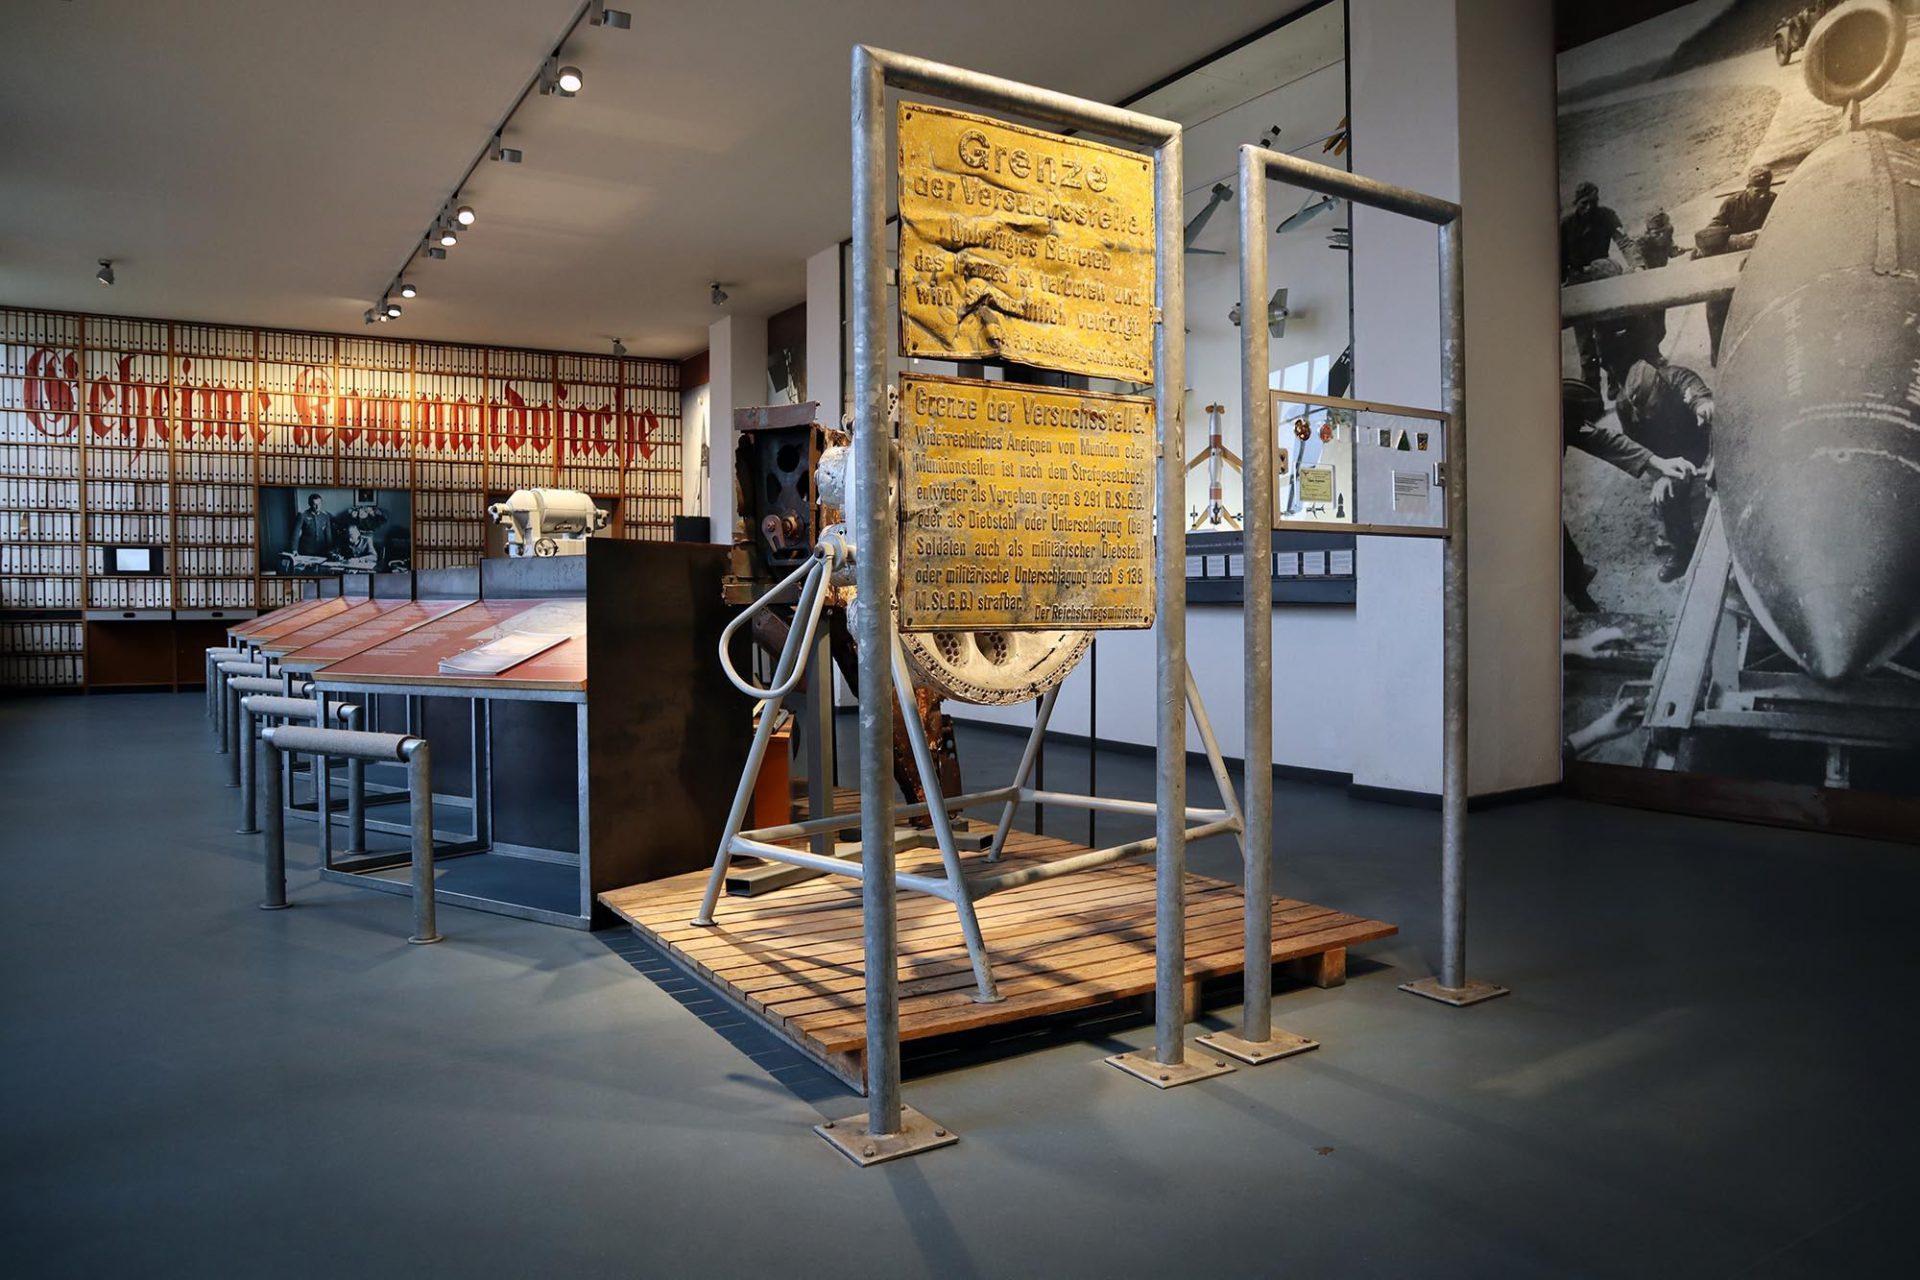 Historisch-Technisches Museum (HTM) Peenemünde. Geheime Kommandosache: im Raketenzentrum forschten weit über 10.000 Wissenschaftler.